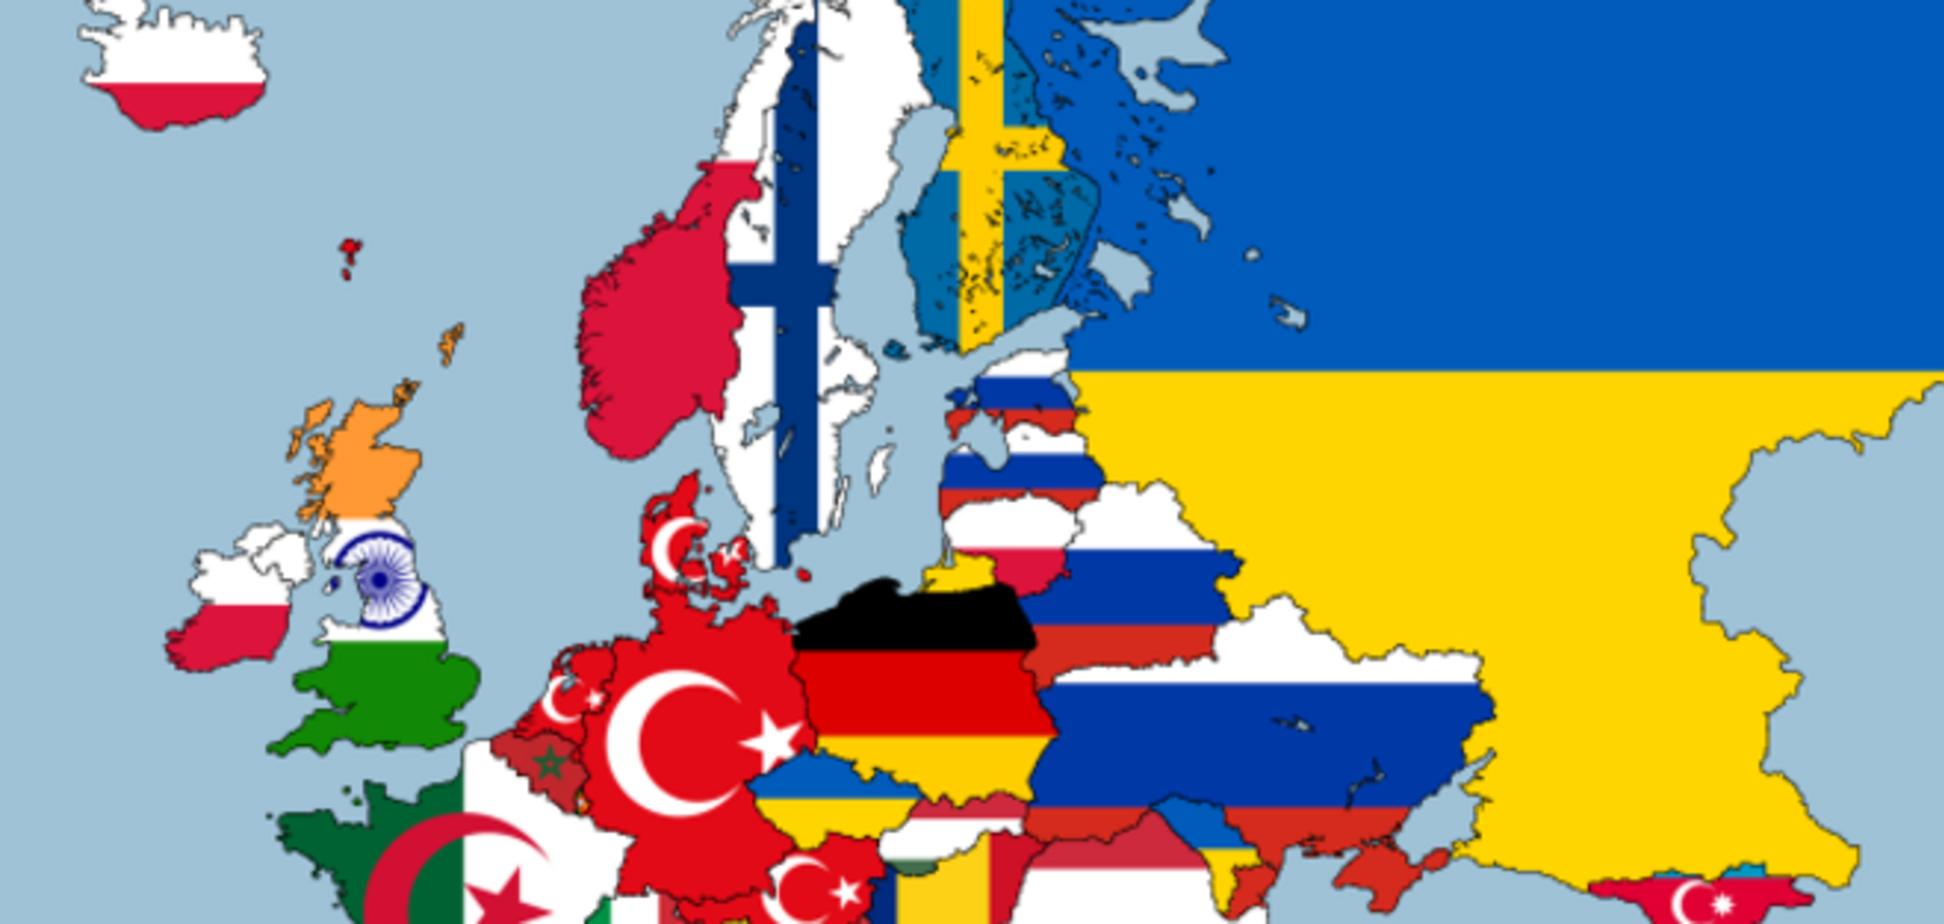 Карта европейских национальностей